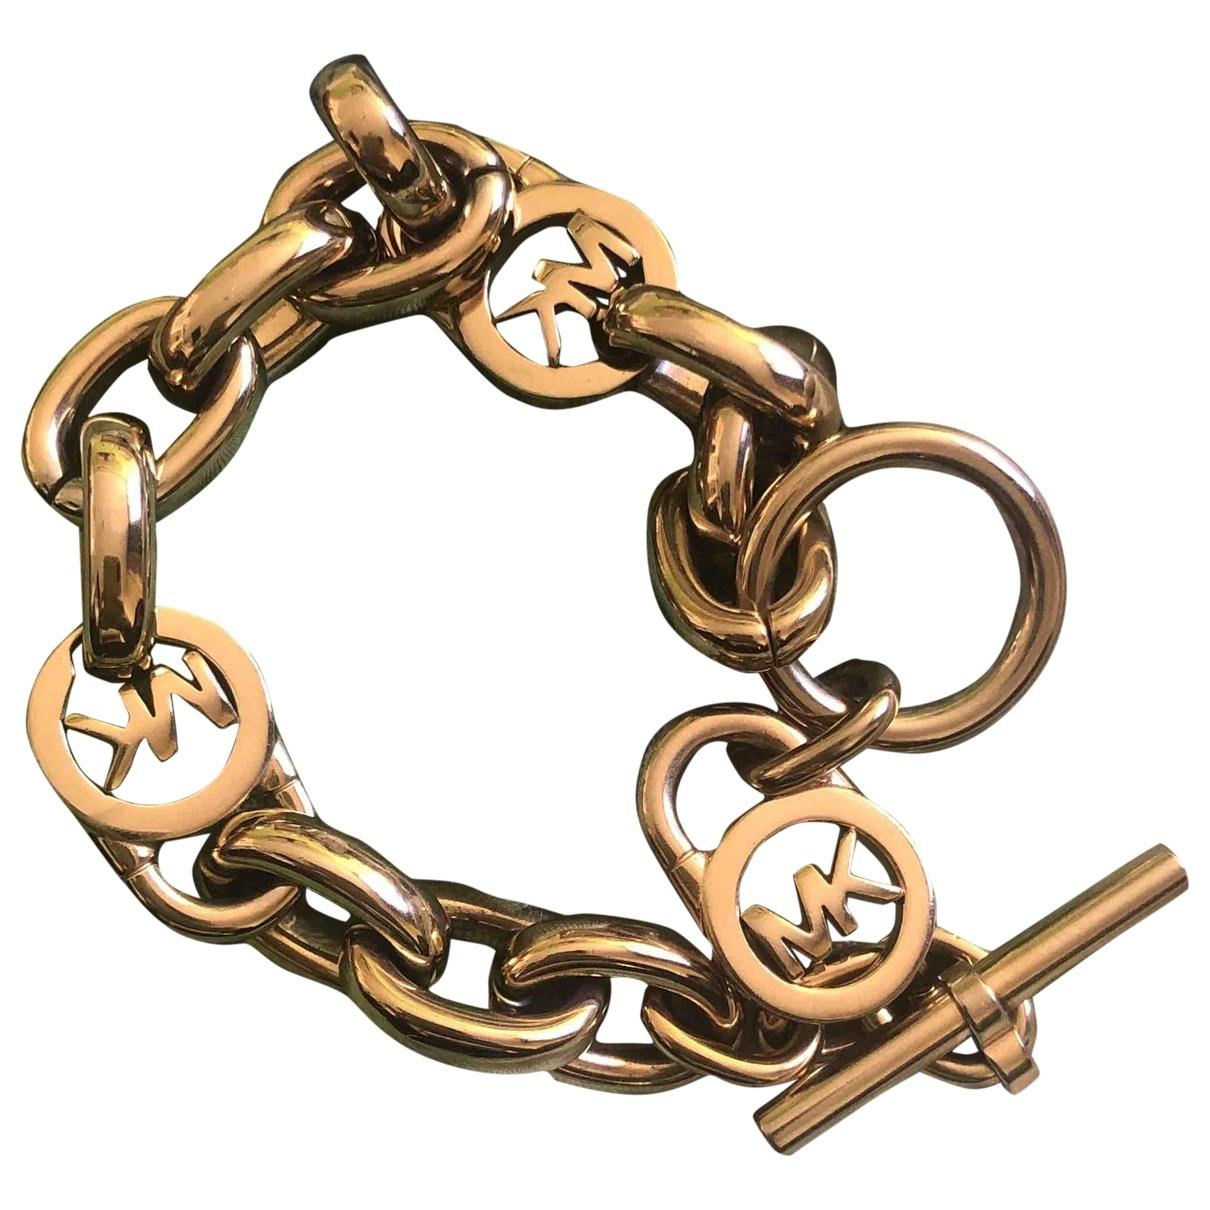 Michael Kors \N Armband in  Gold Vergoldet